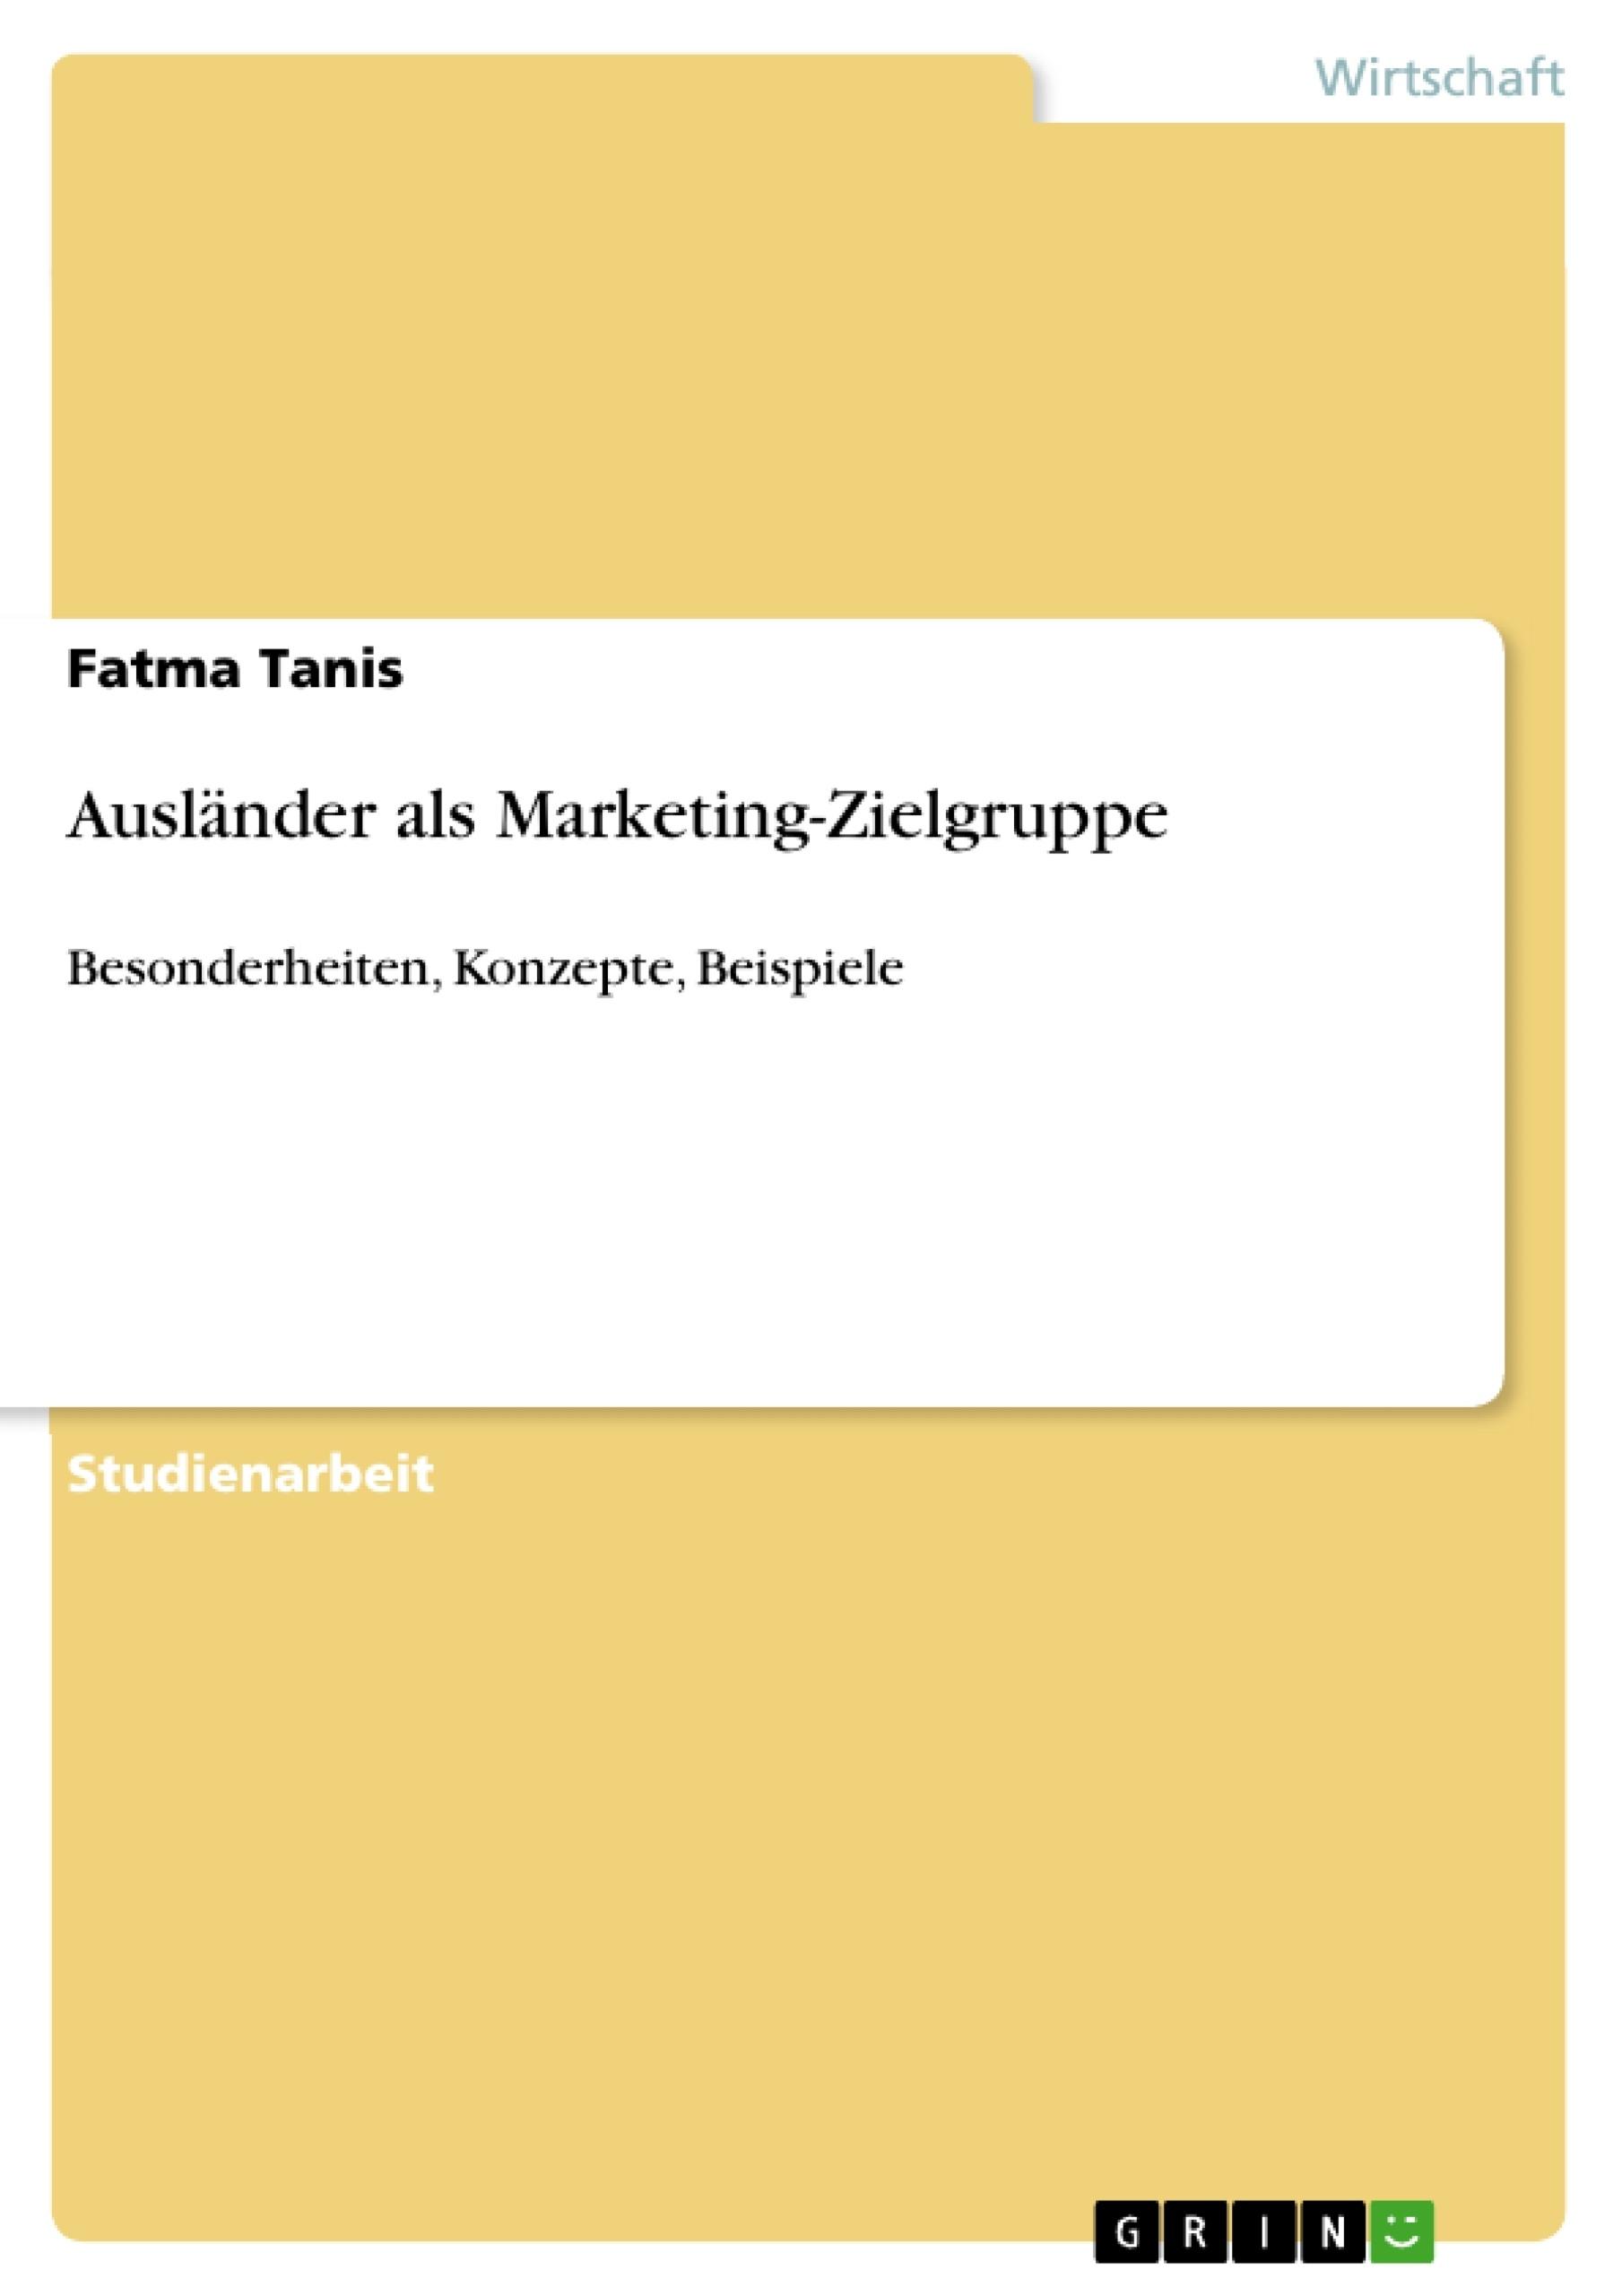 Titel: Ausländer als Marketing-Zielgruppe